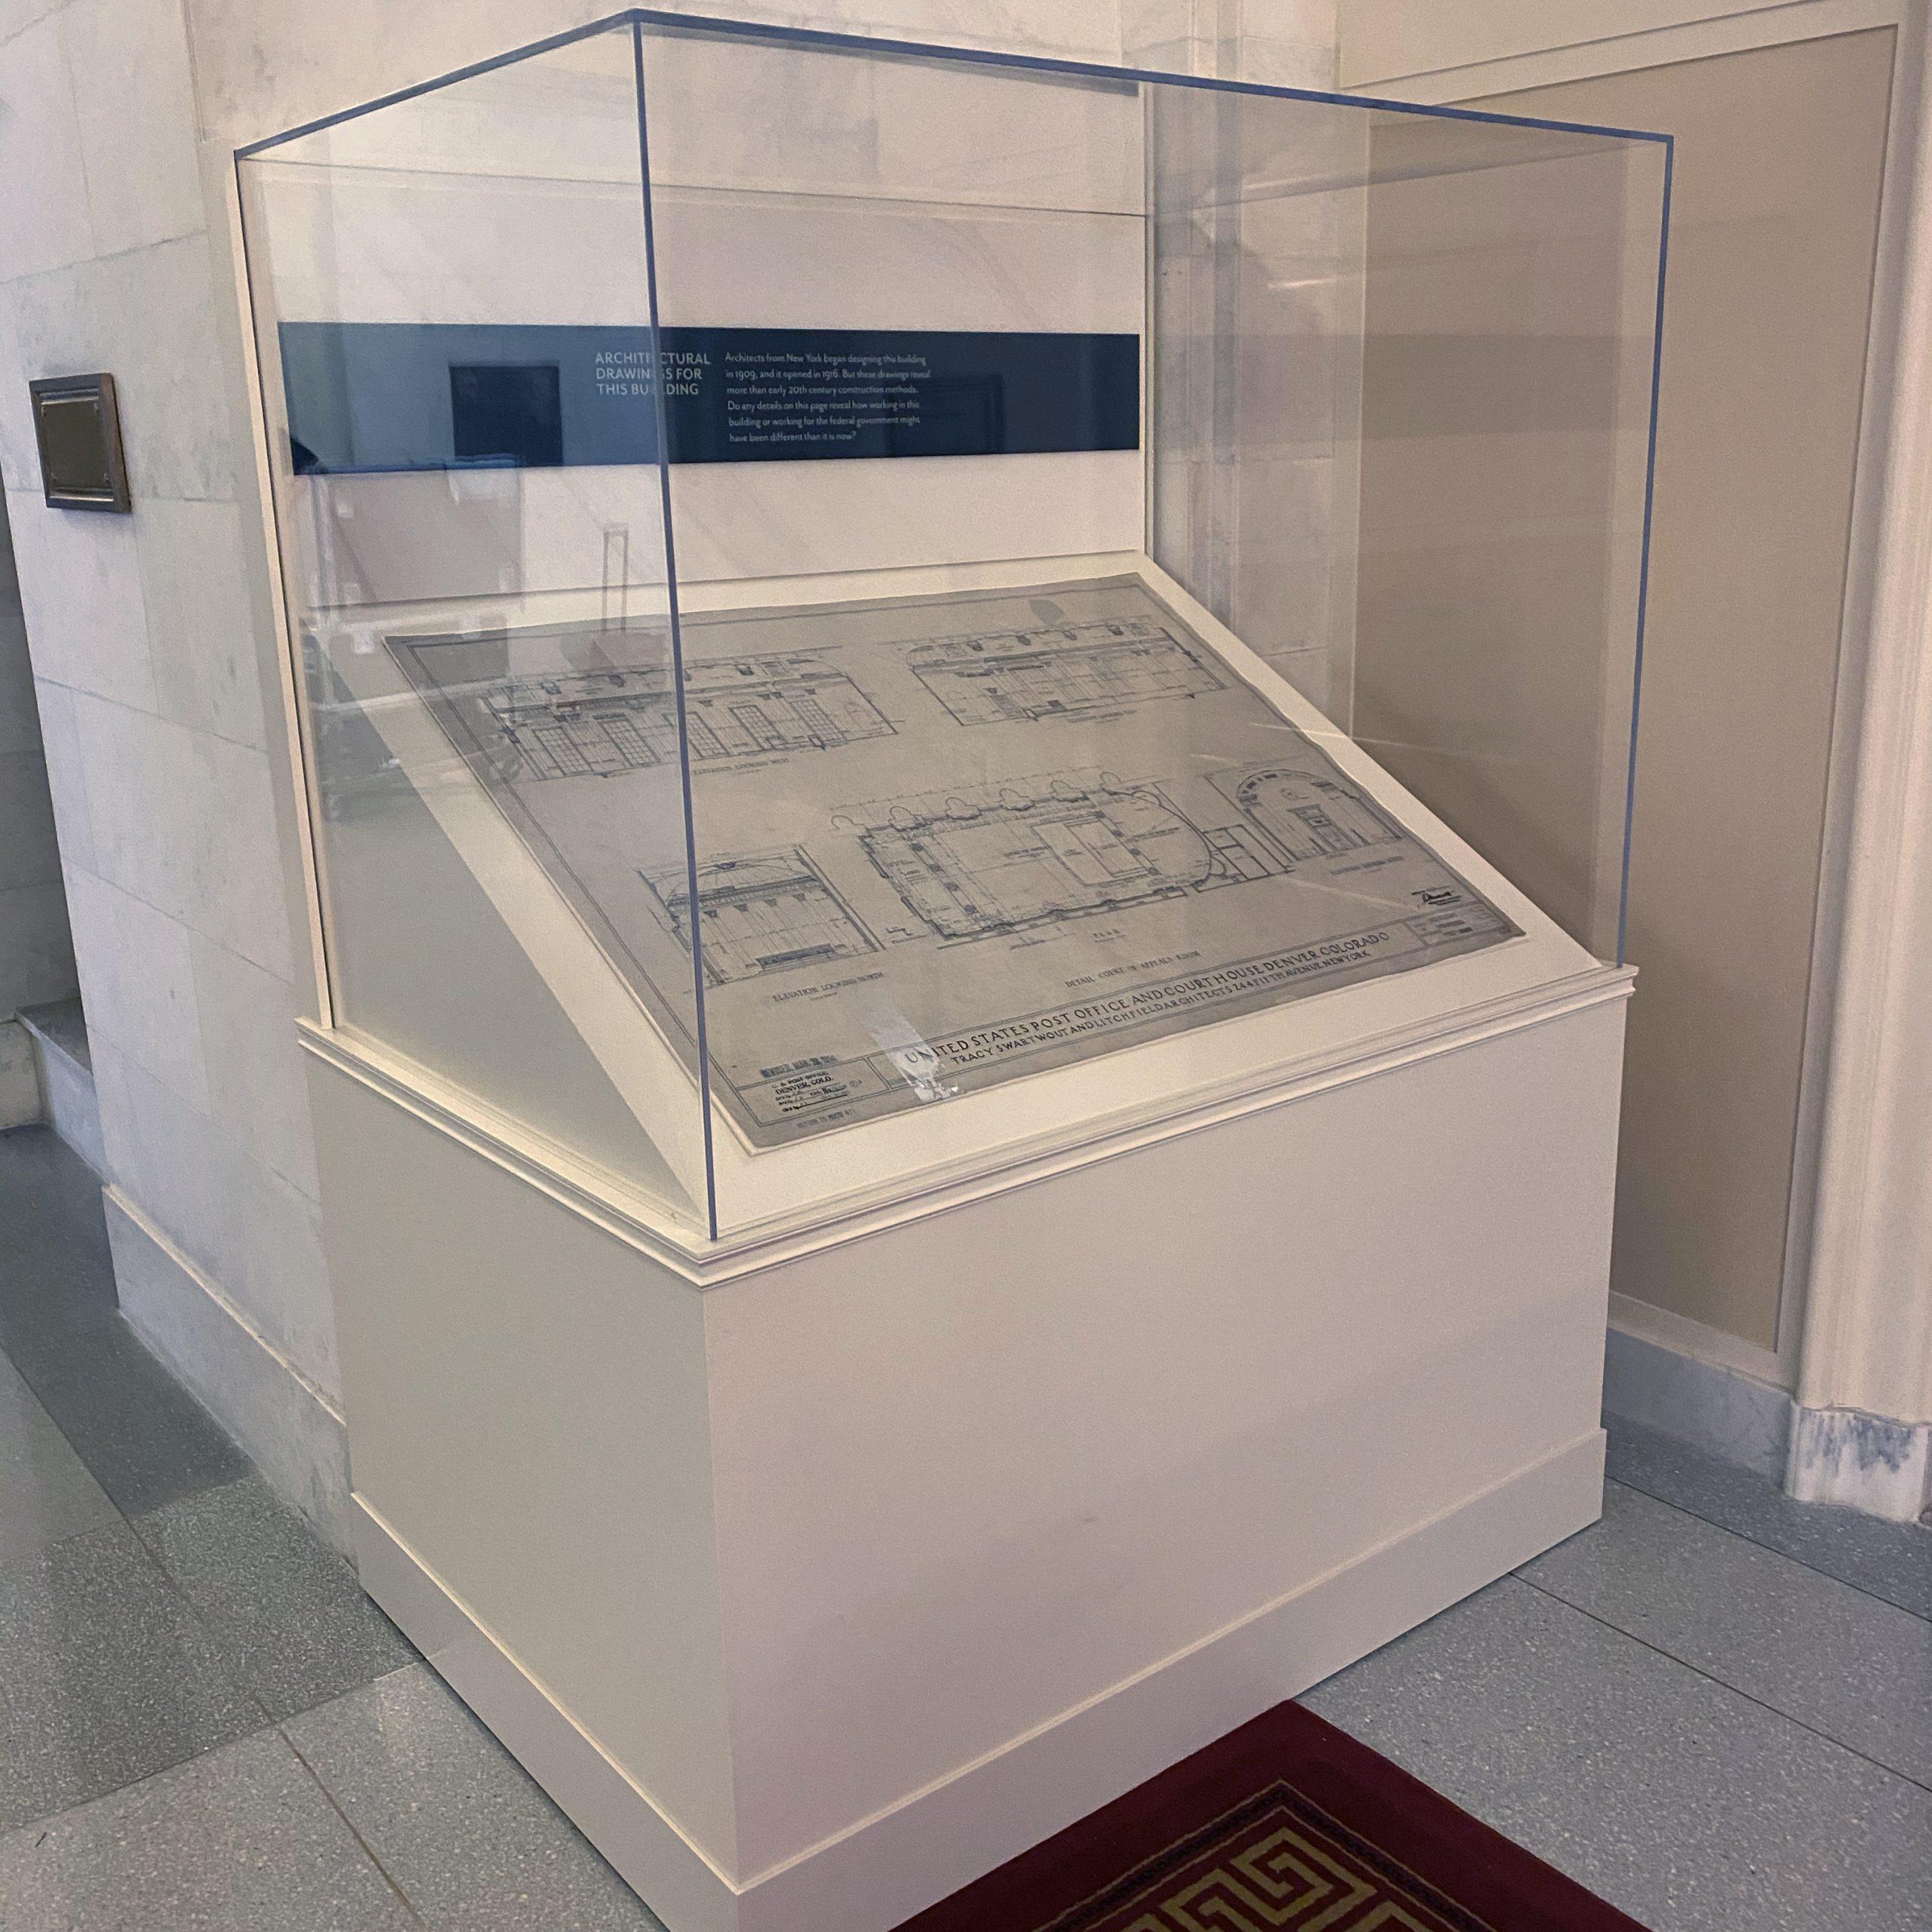 Tenth Circuit Court | Architecture Exhibit - Square | Denver, CO